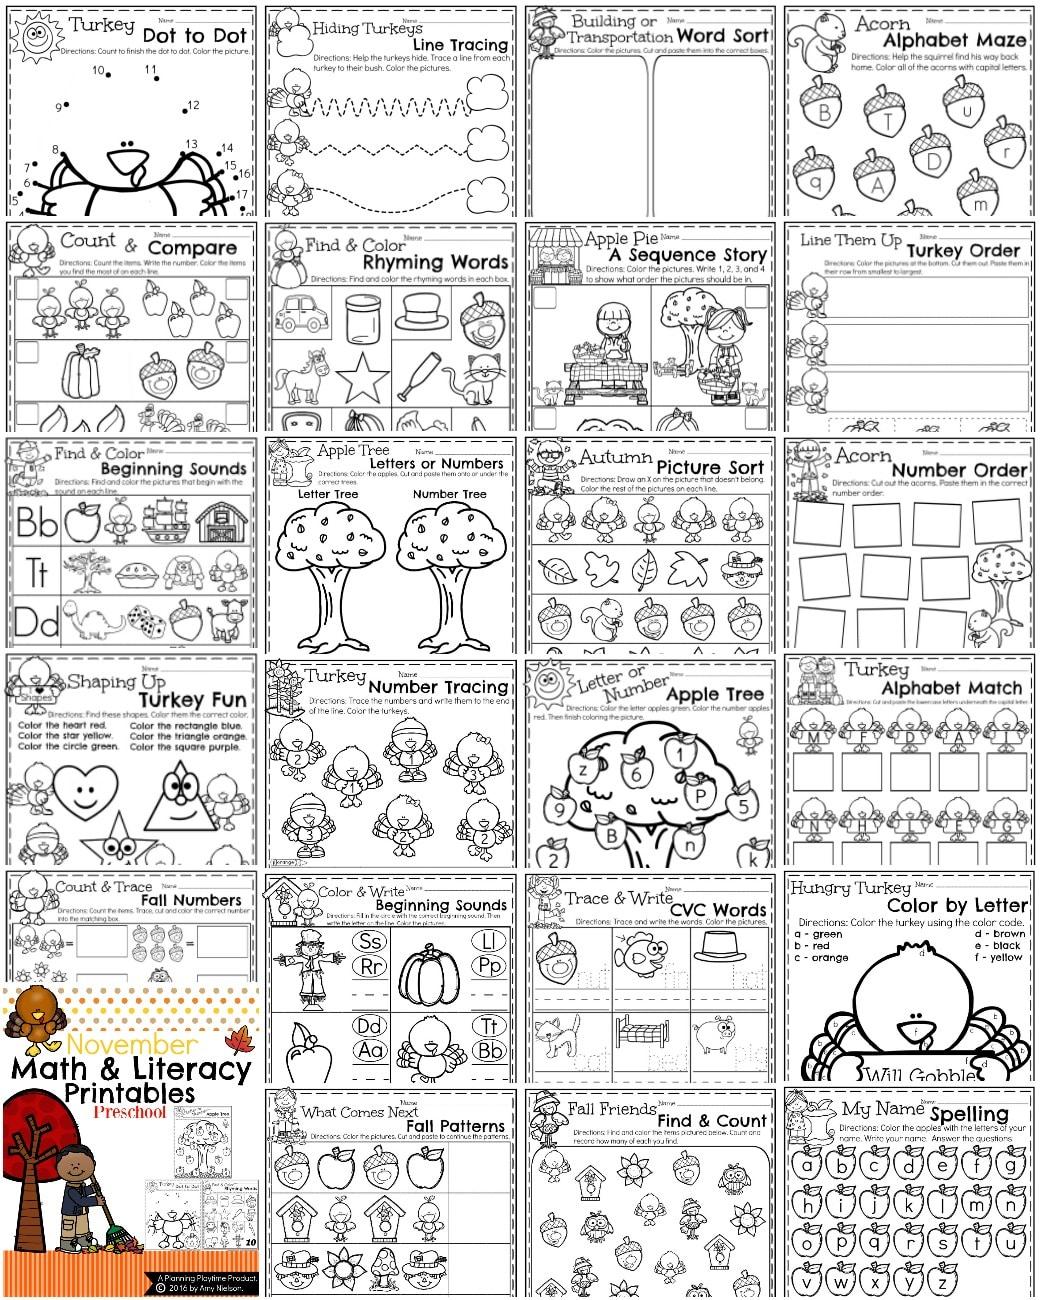 Worksheet Line Tracing Worksheets Worksheet Fun